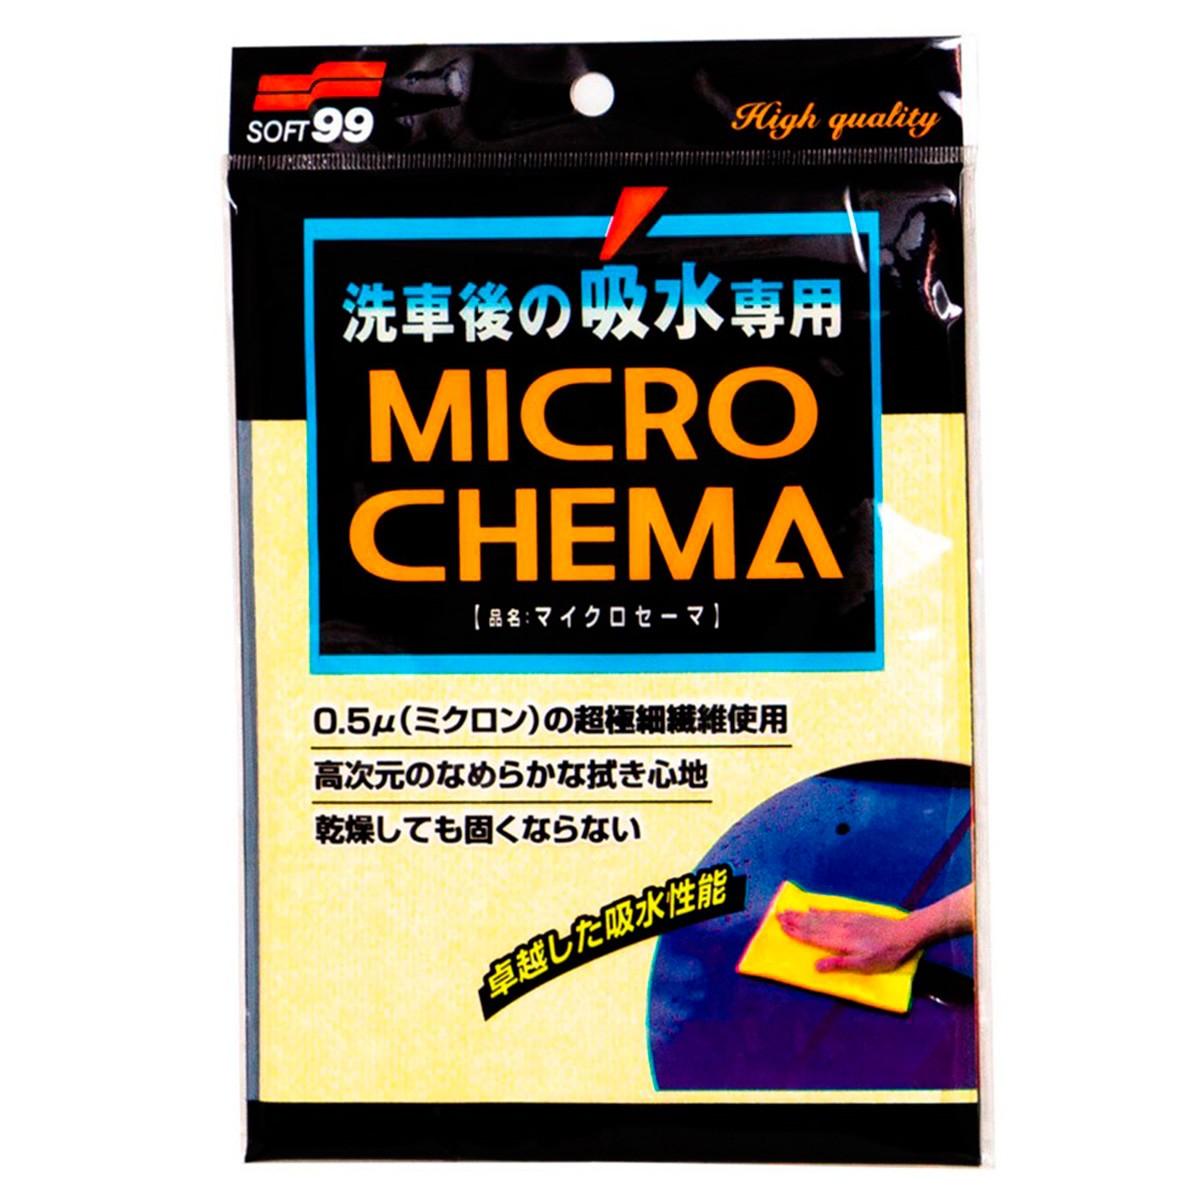 Toalha Automotiva Micro Chema de Secagem - Soft99